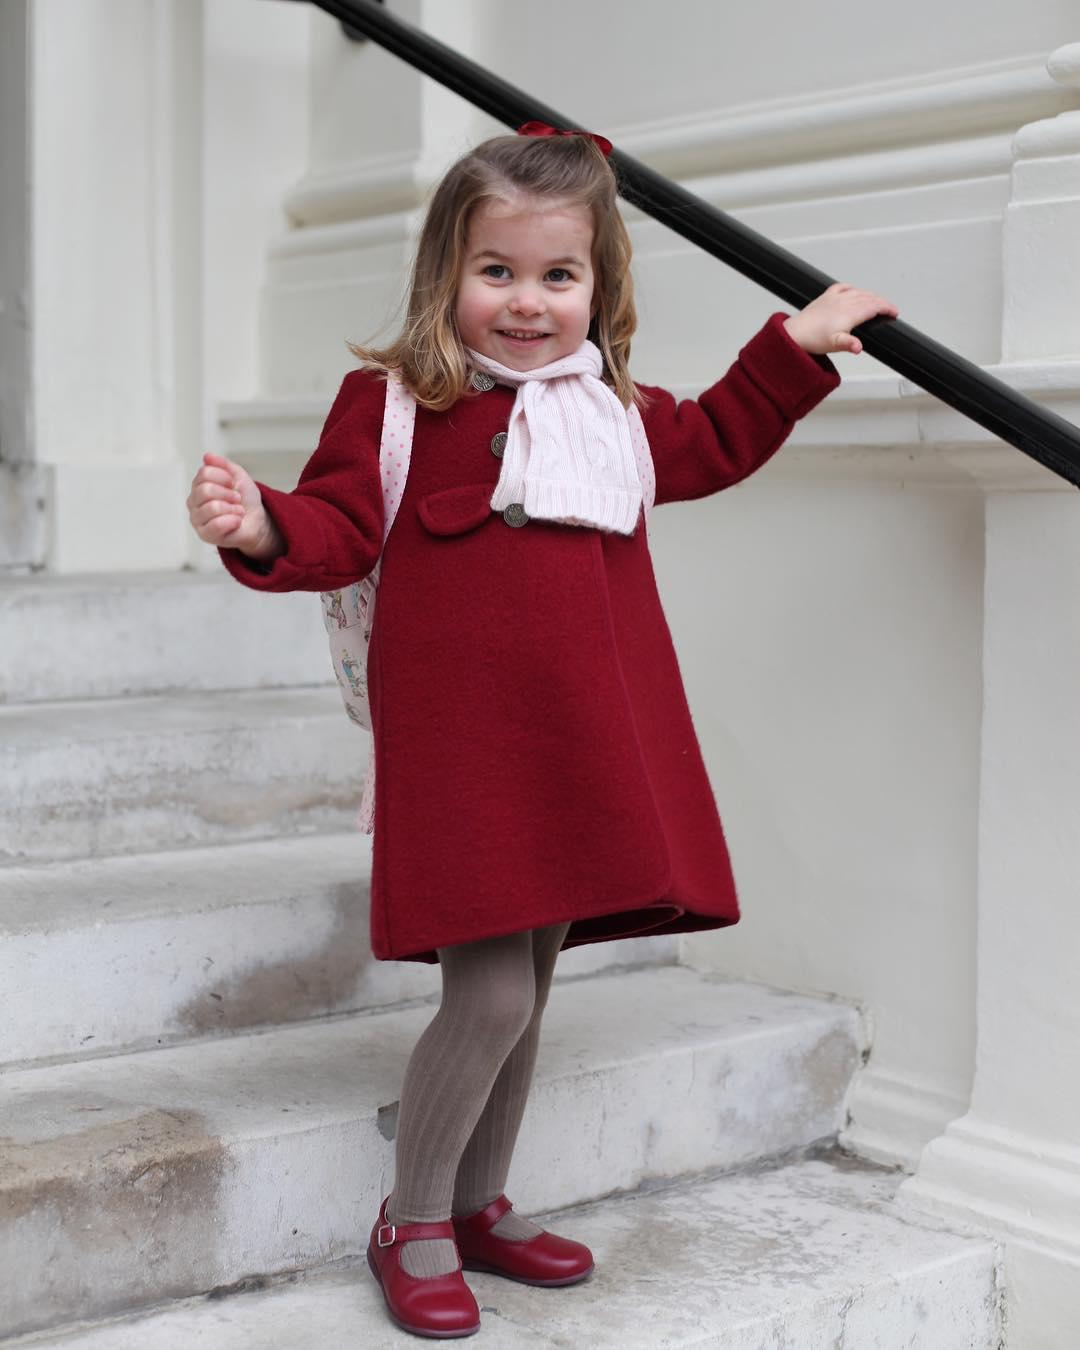 Sarolta hercegnő 2 milliárd dollárral többet ér, mint testvérei - Azt is elmondjuk, hogy miért